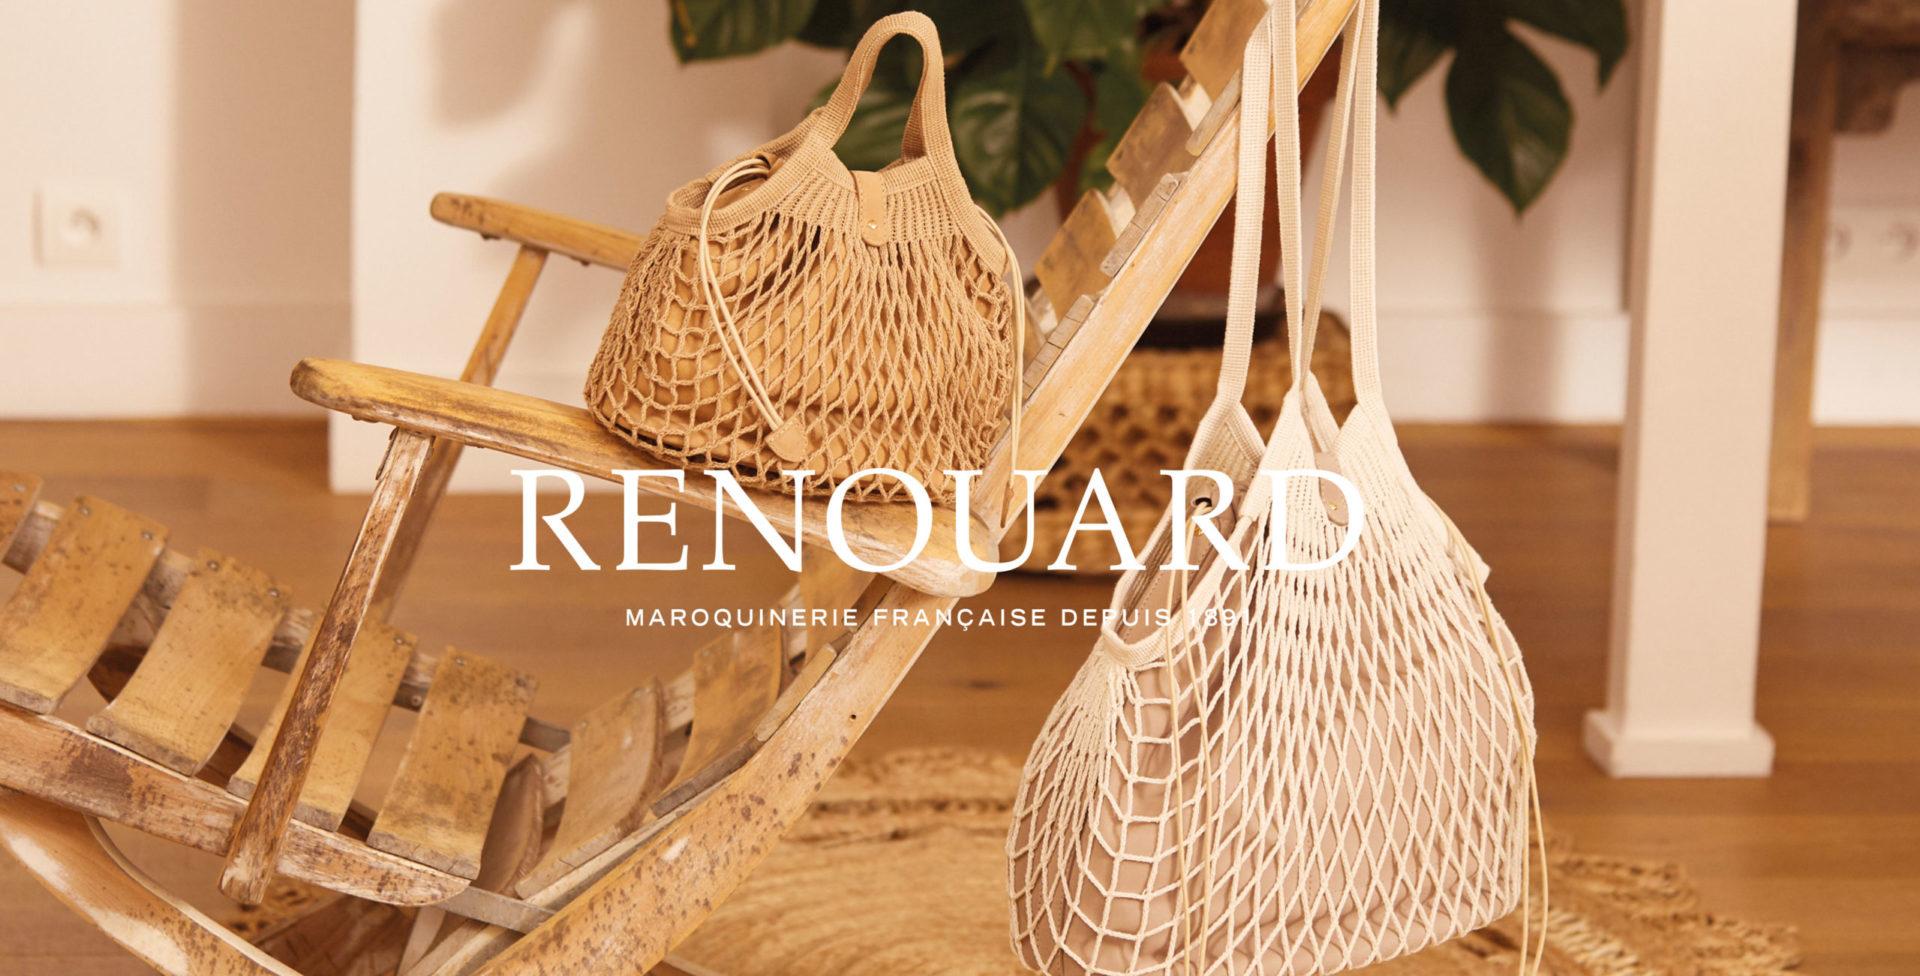 Landeau Création Maroquinerie Renouard photo d'Ambiance Sac filet